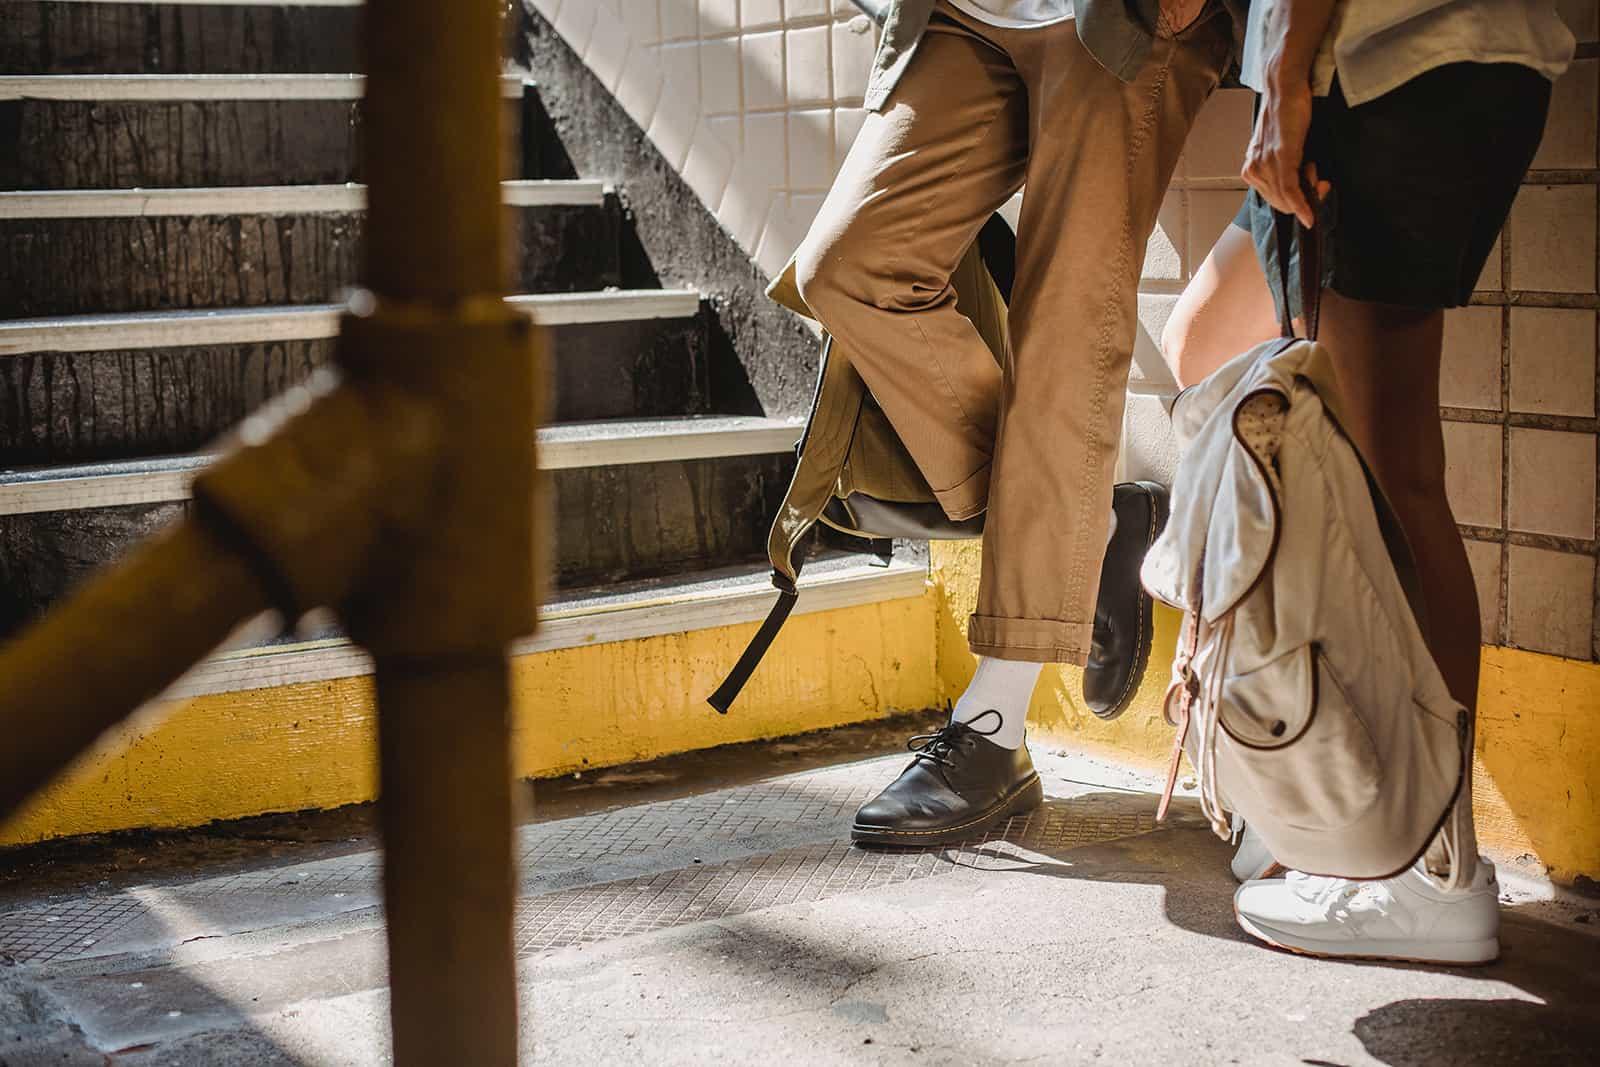 Ein Mann und eine Frau stehen nahe beieinander in der Nähe der Treppe